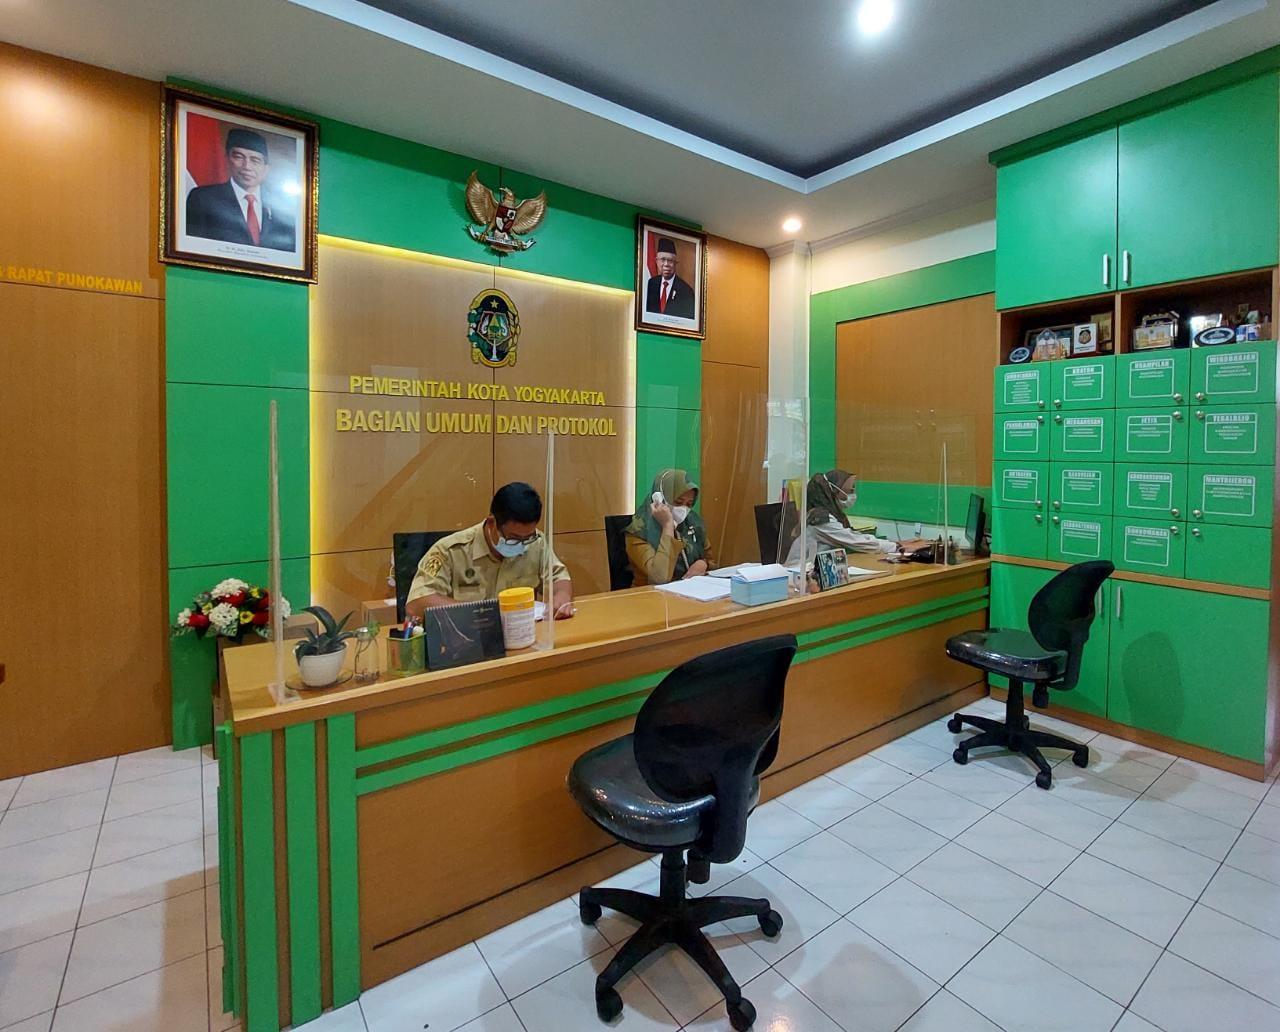 Front Office Bagian Umum dan Protokol